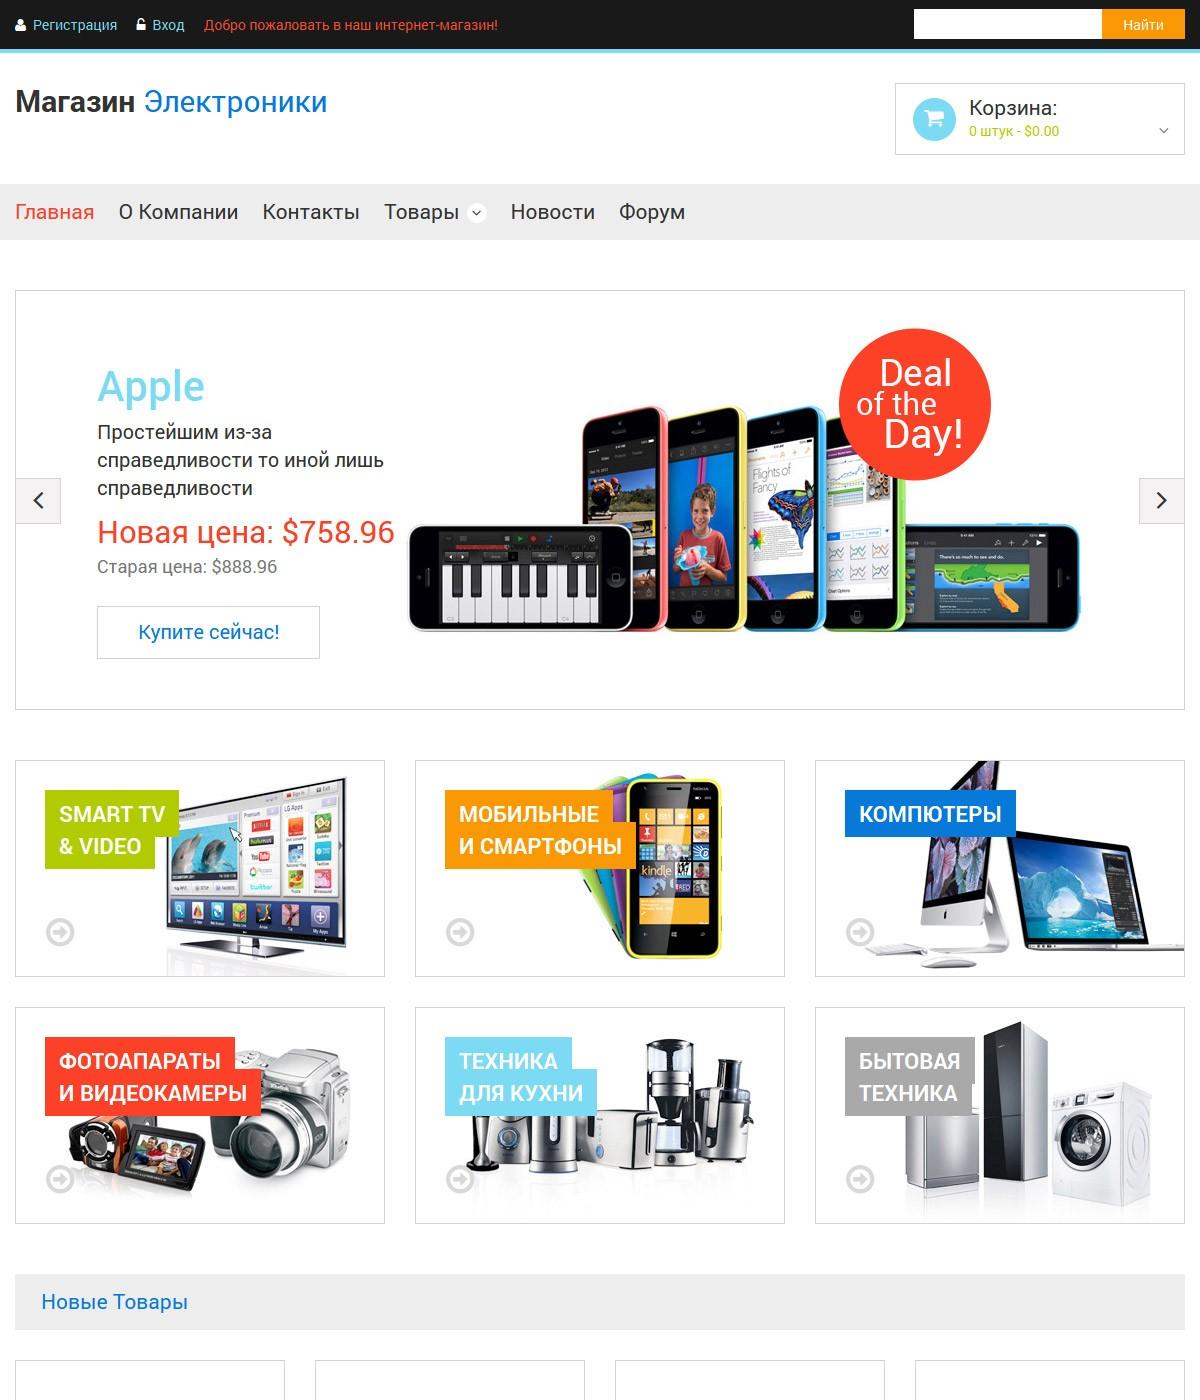 Интернет магазина электроники картинки